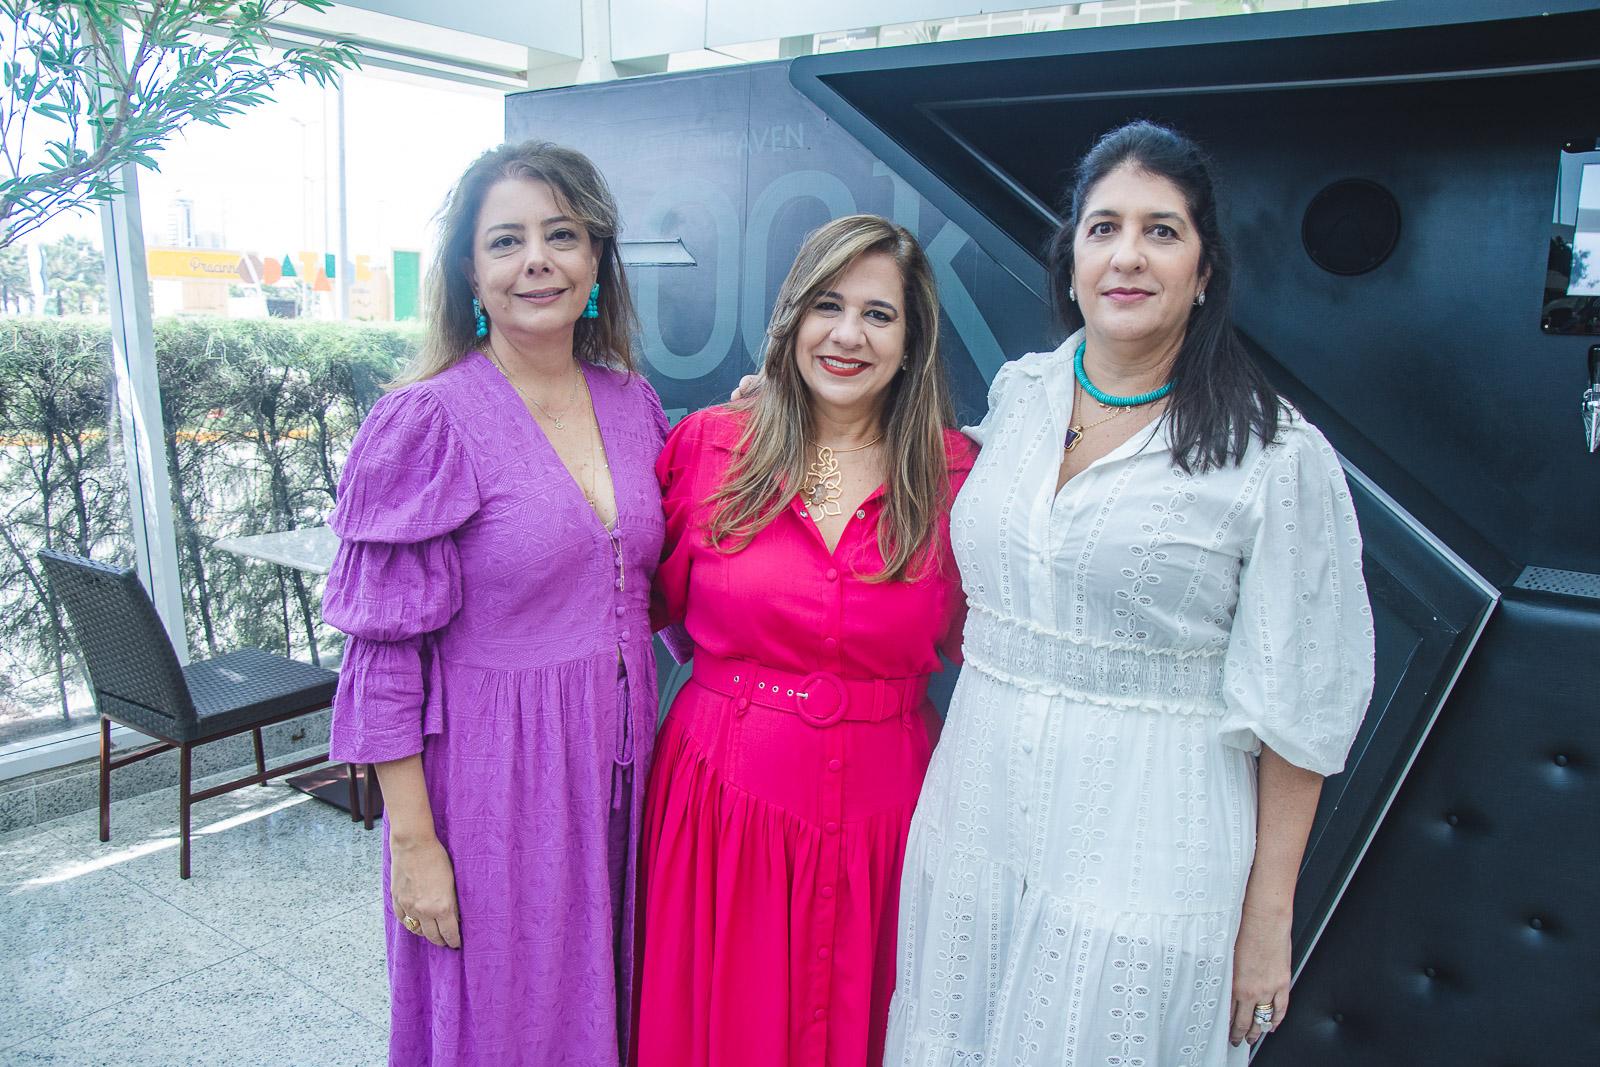 Claudia Gradvohl, Martinha Assuncao E Elisa Oliveira (2)